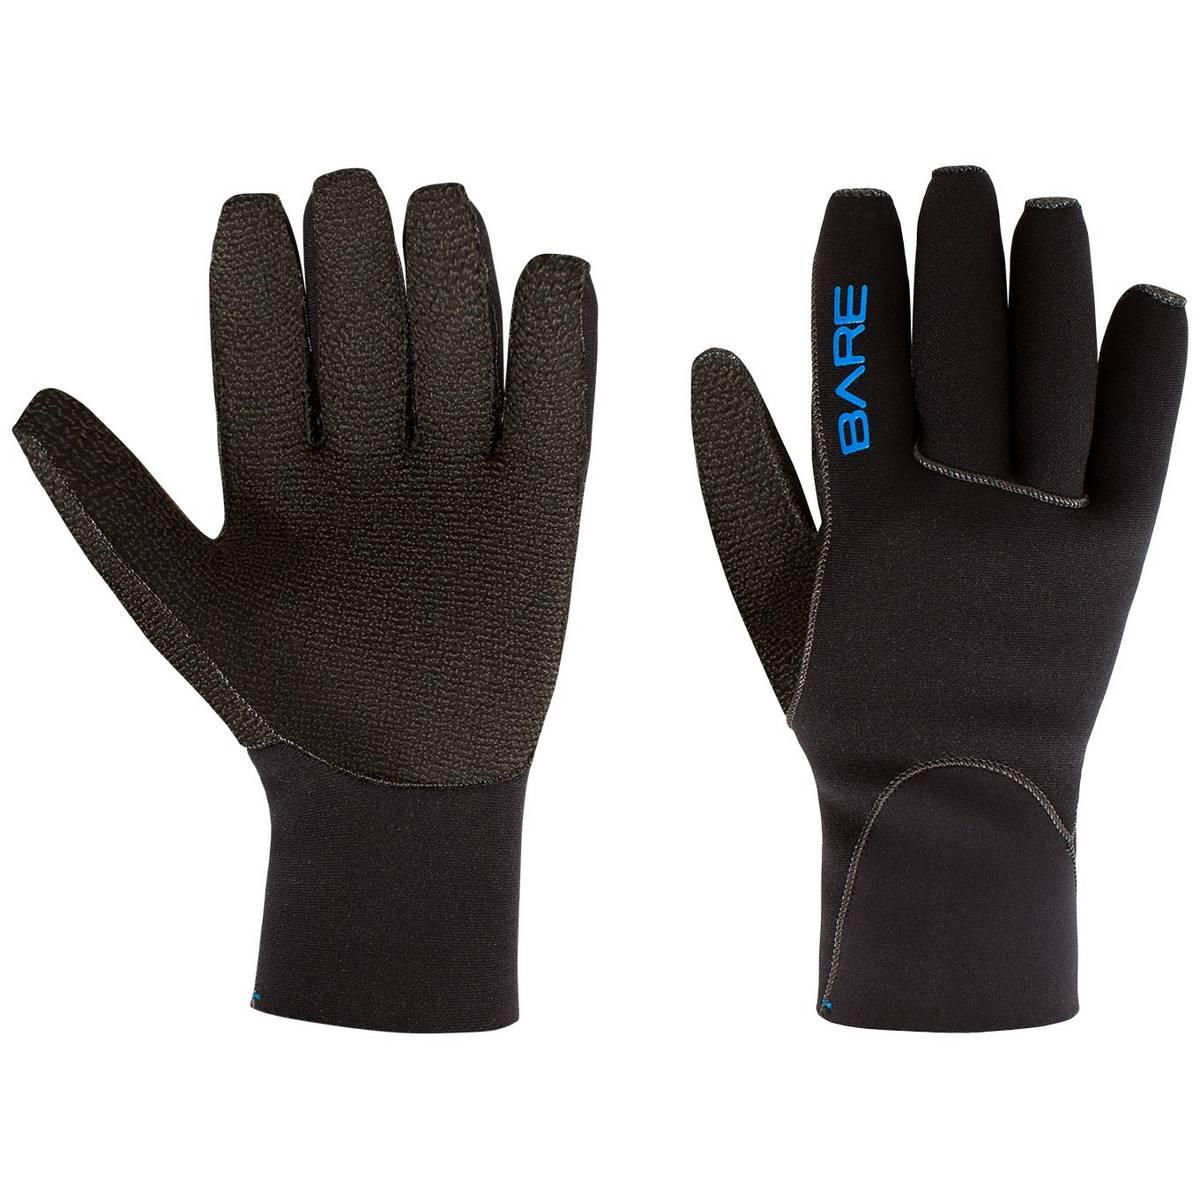 BARE 3mm K-Palm hanske